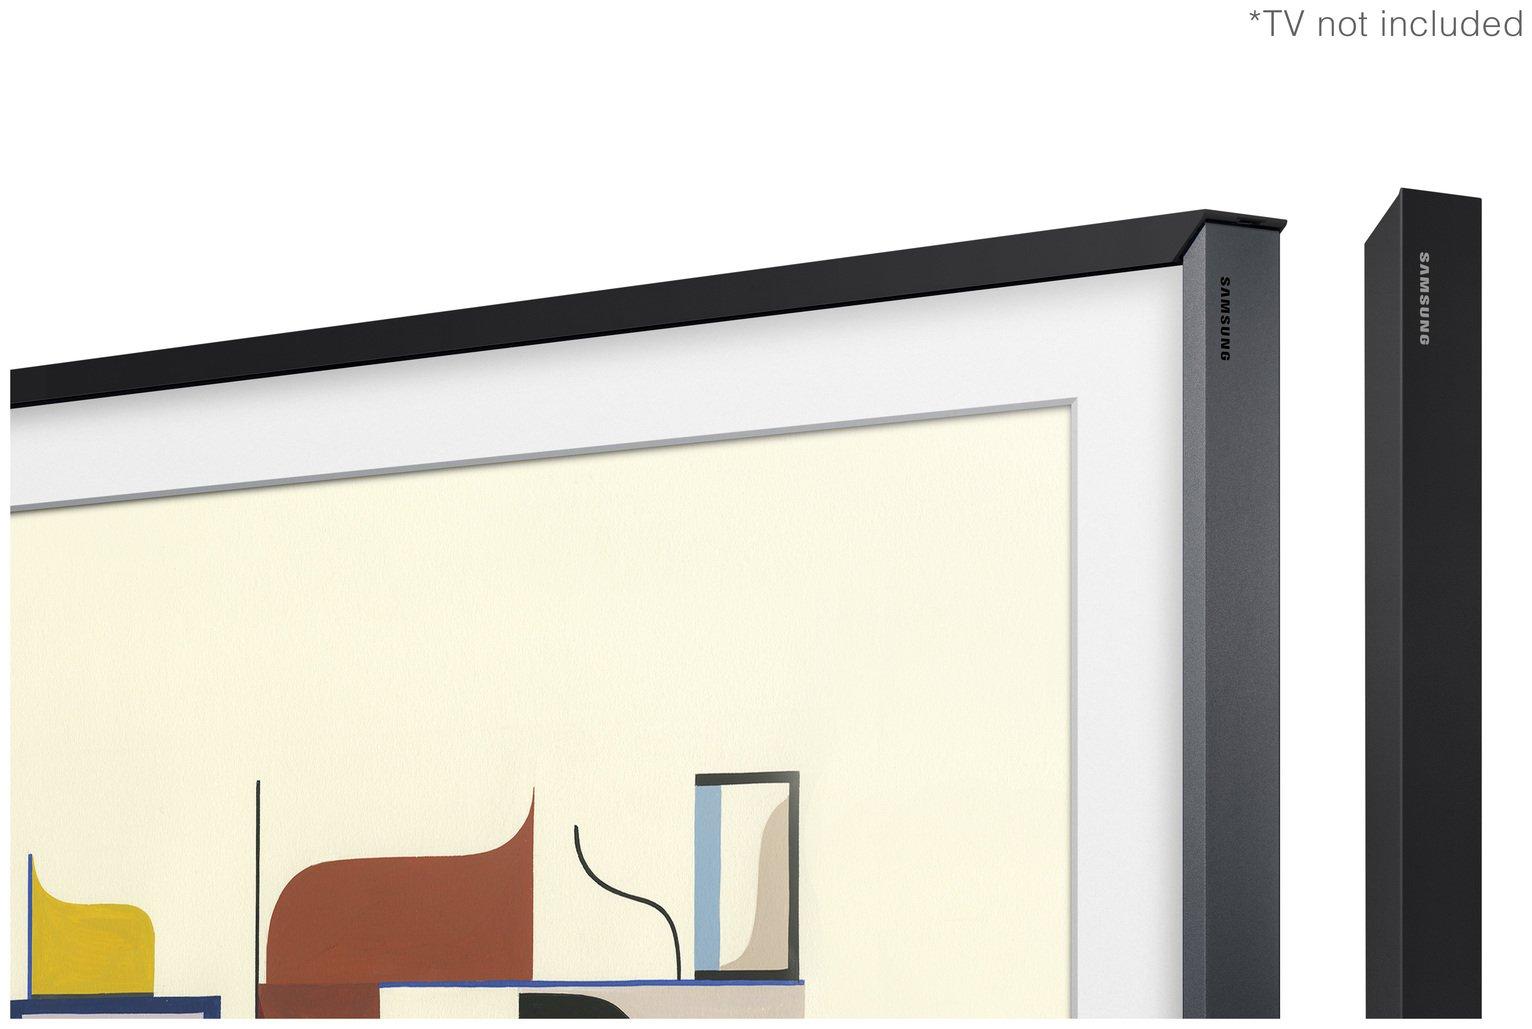 Samsung Customisable Bezel for The Frame 43 Inch TV - Black